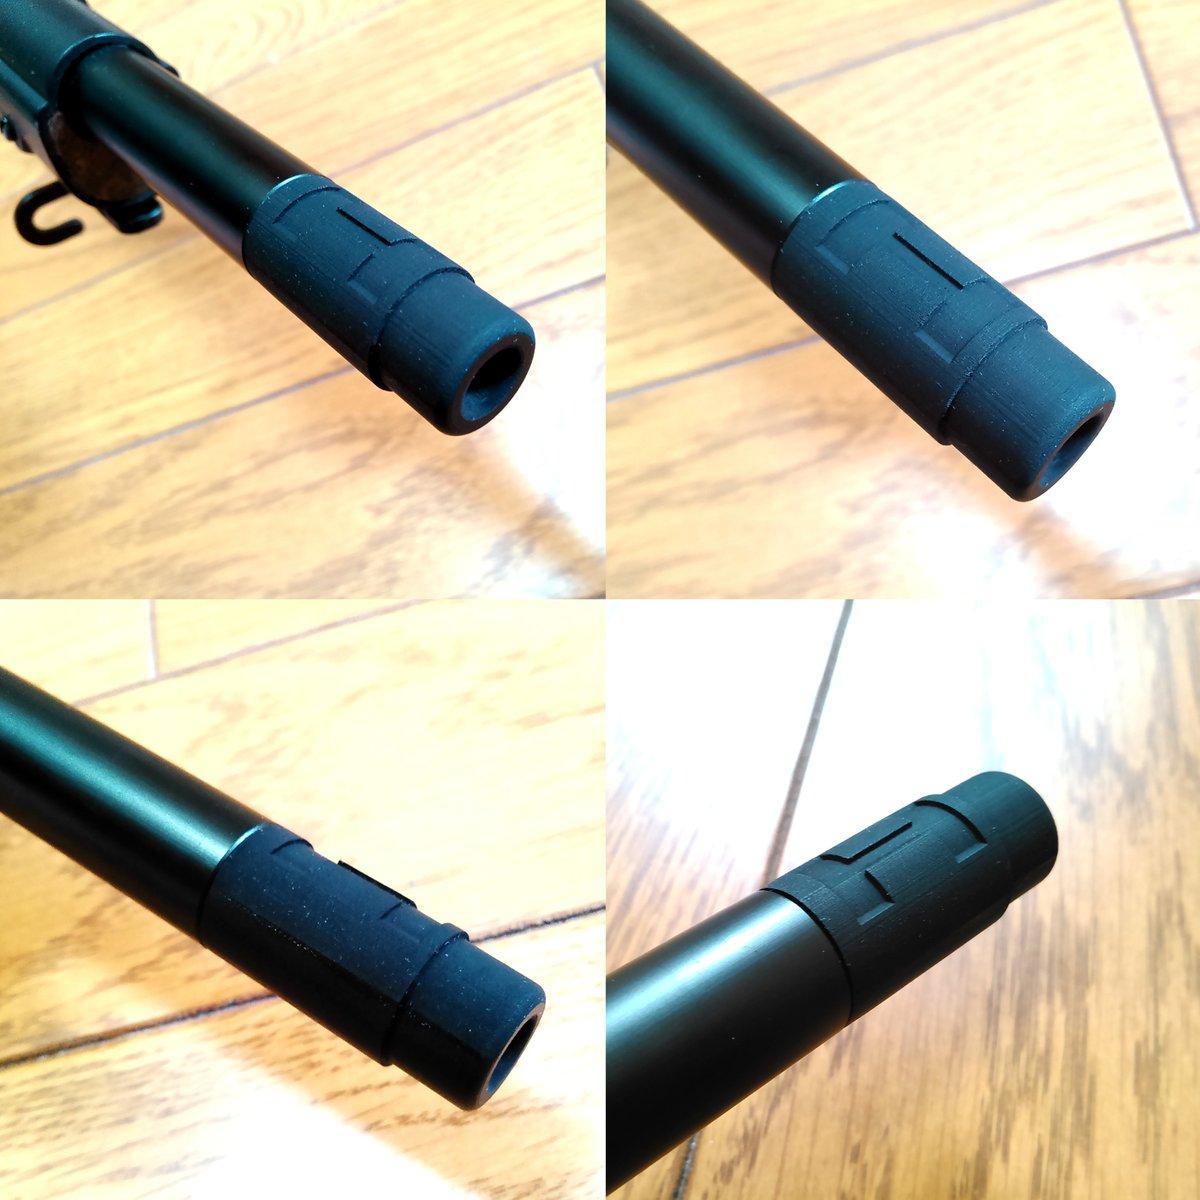 自分が欲しかったので、CAD勉強も兼ねてS&T製スプリングフィールドM1903を手軽にフロントサイトが無いA4(狙撃銃)風にできるマズルアダプターを作りました。ムダなこだわりポイントは、省力型の2条ライフリングの再現です。